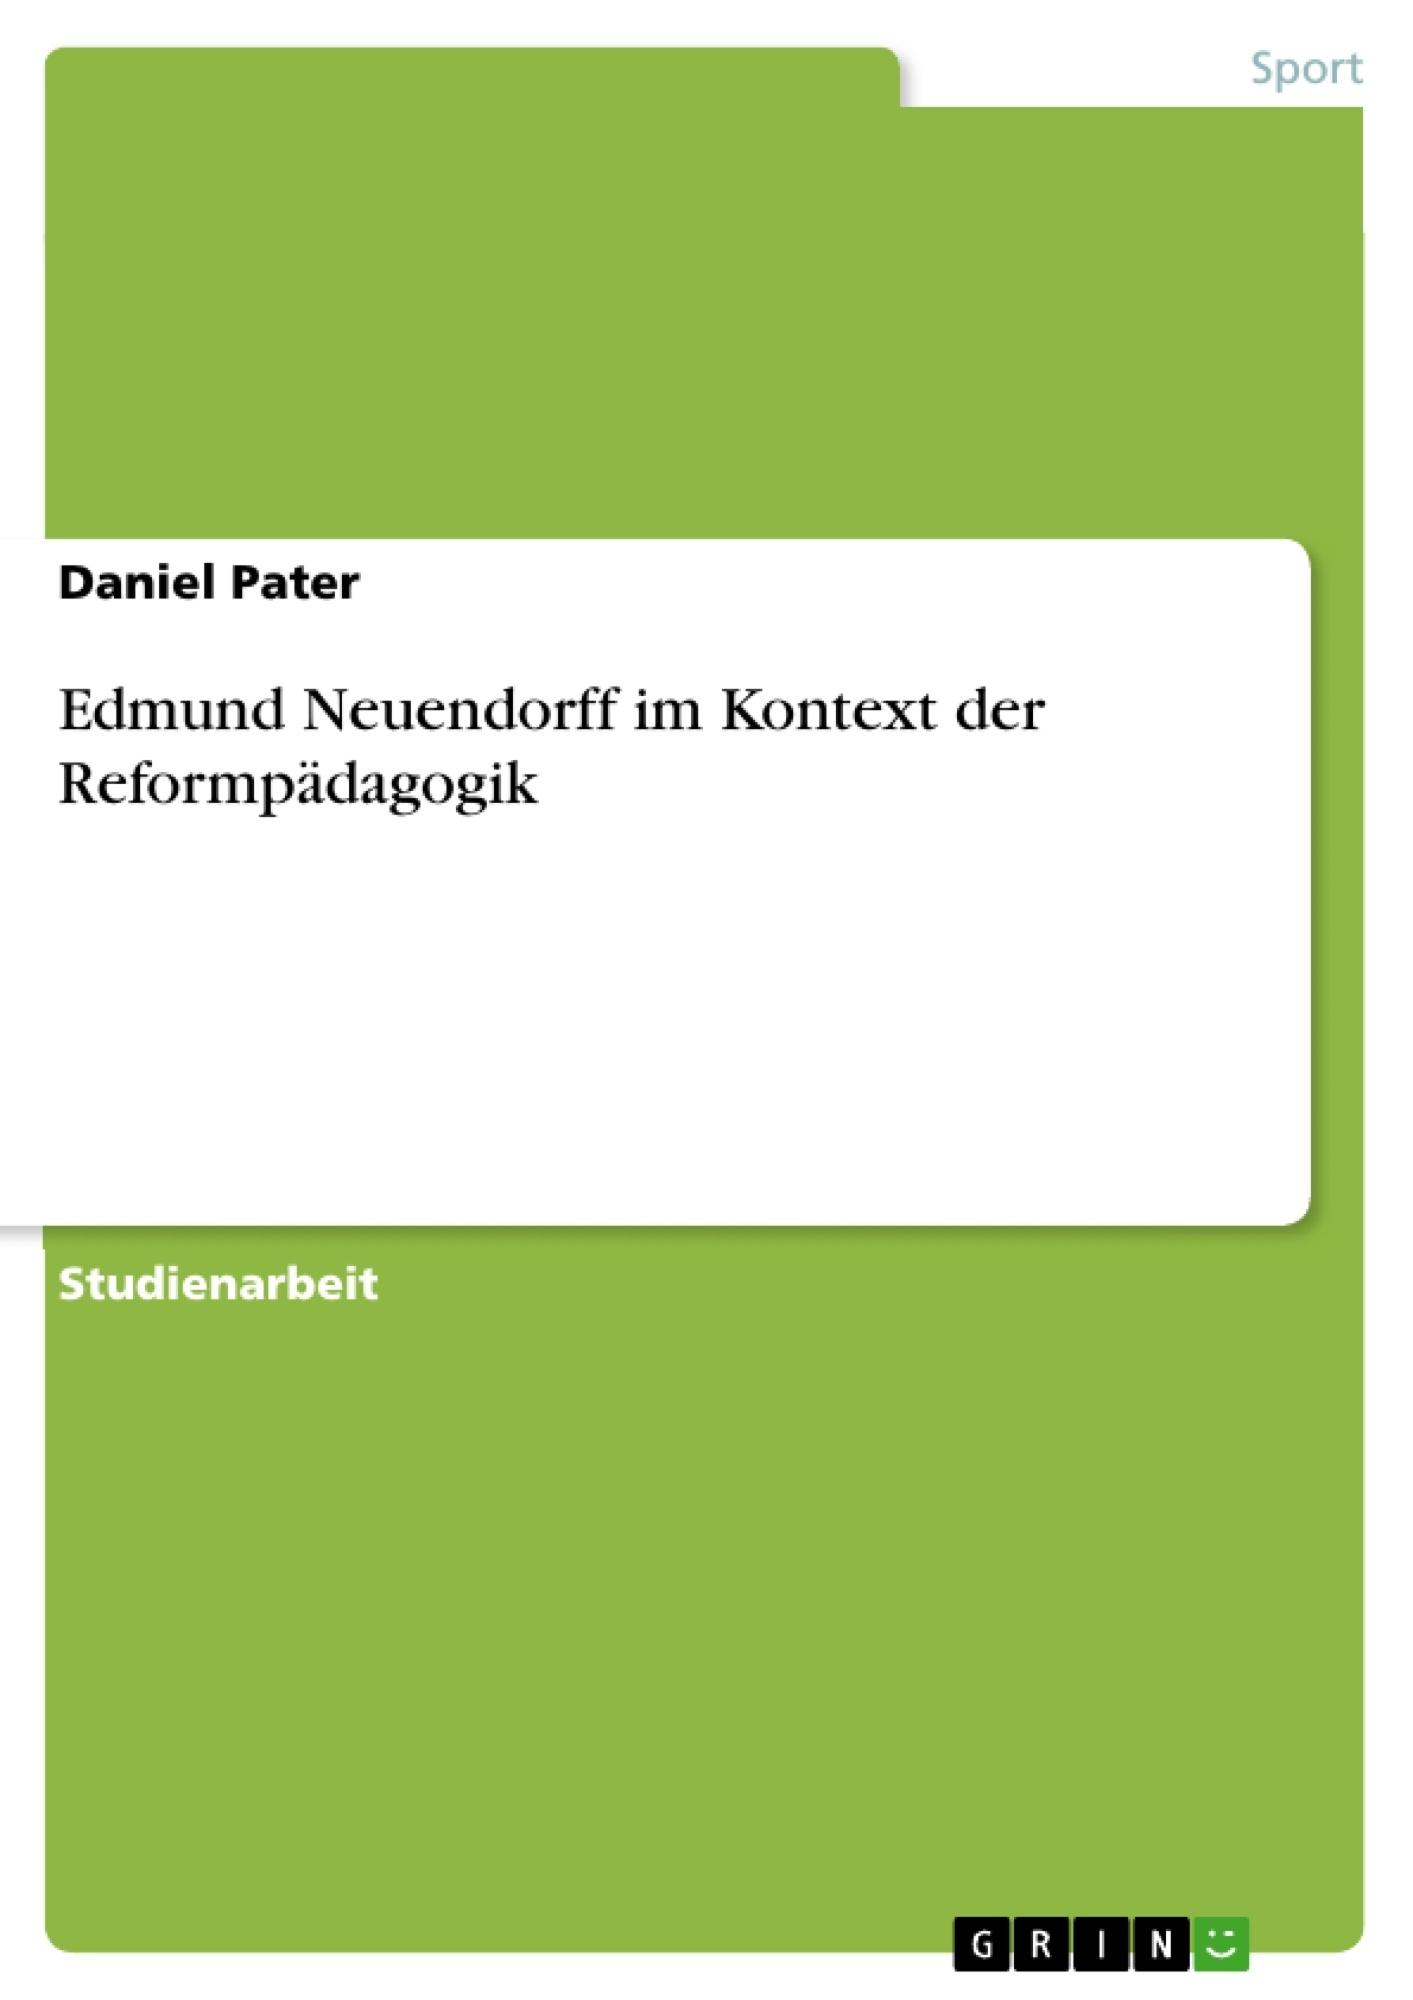 Titel: Edmund Neuendorff im Kontext der Reformpädagogik